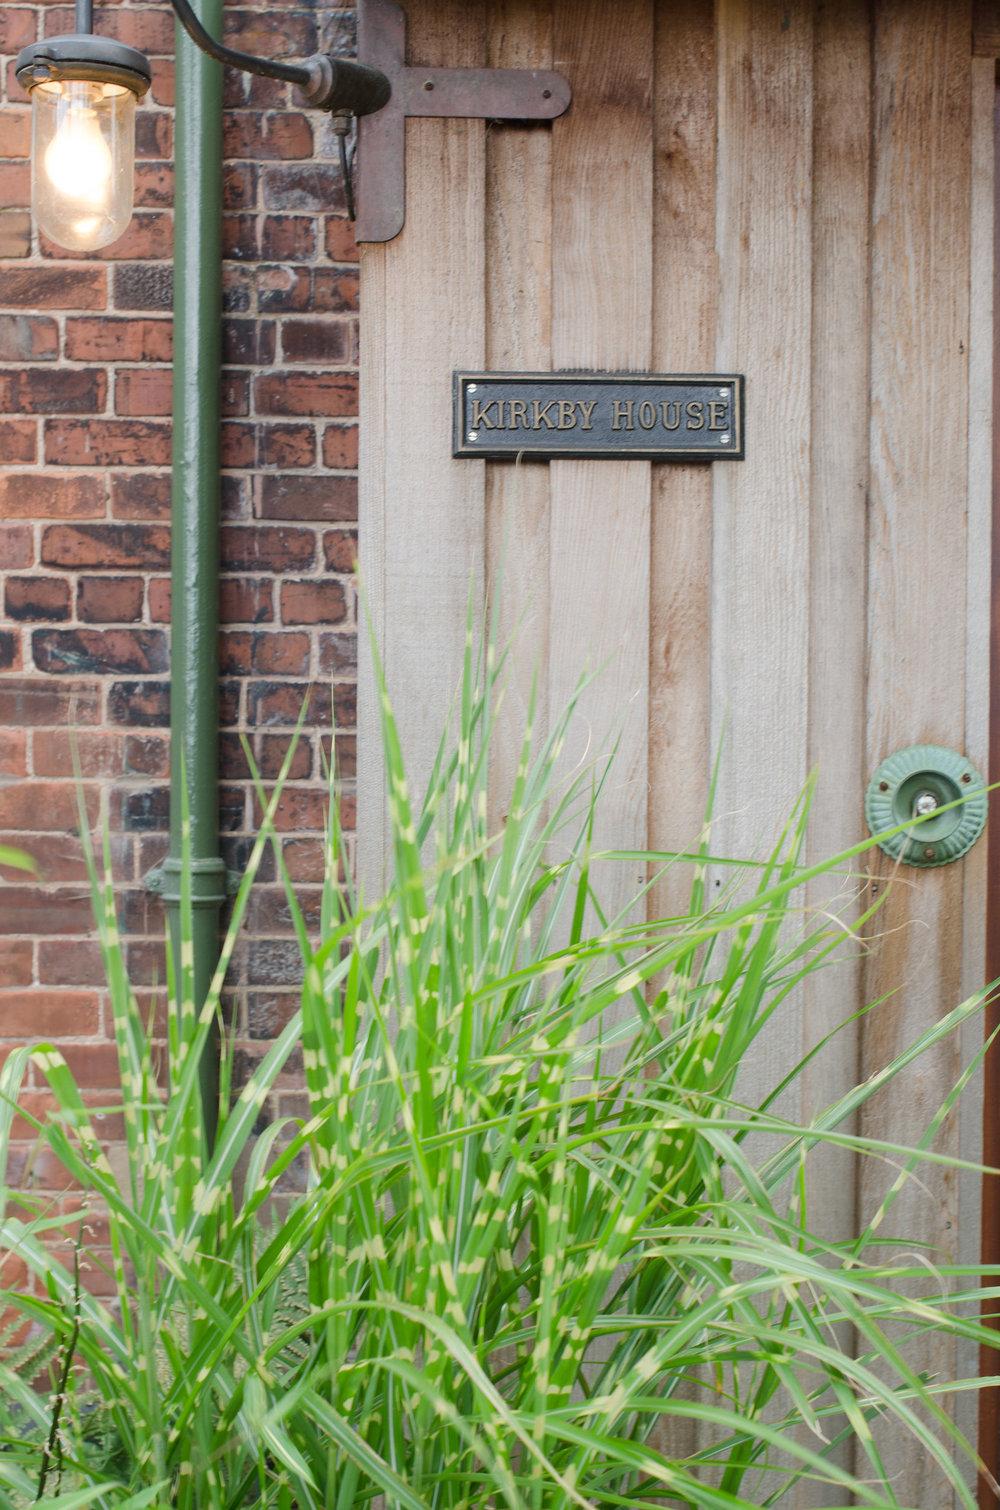 Kirkby House -